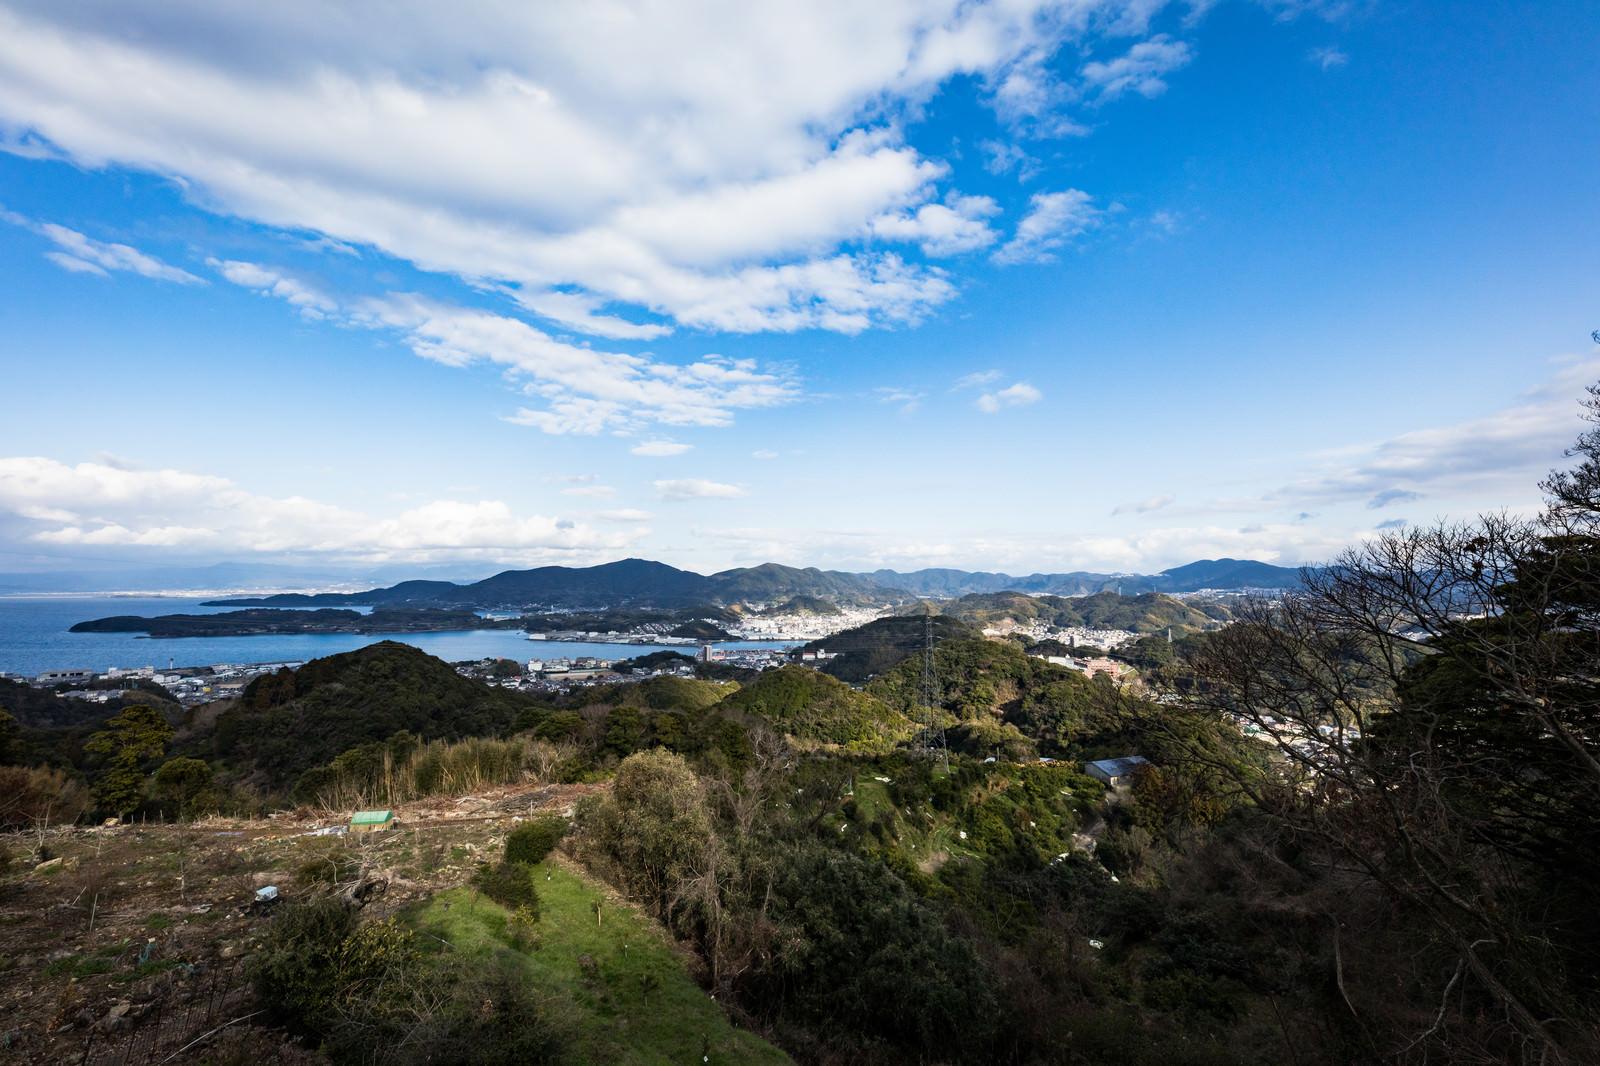 「鳴鼓岳から見下ろす時津町の港」の写真